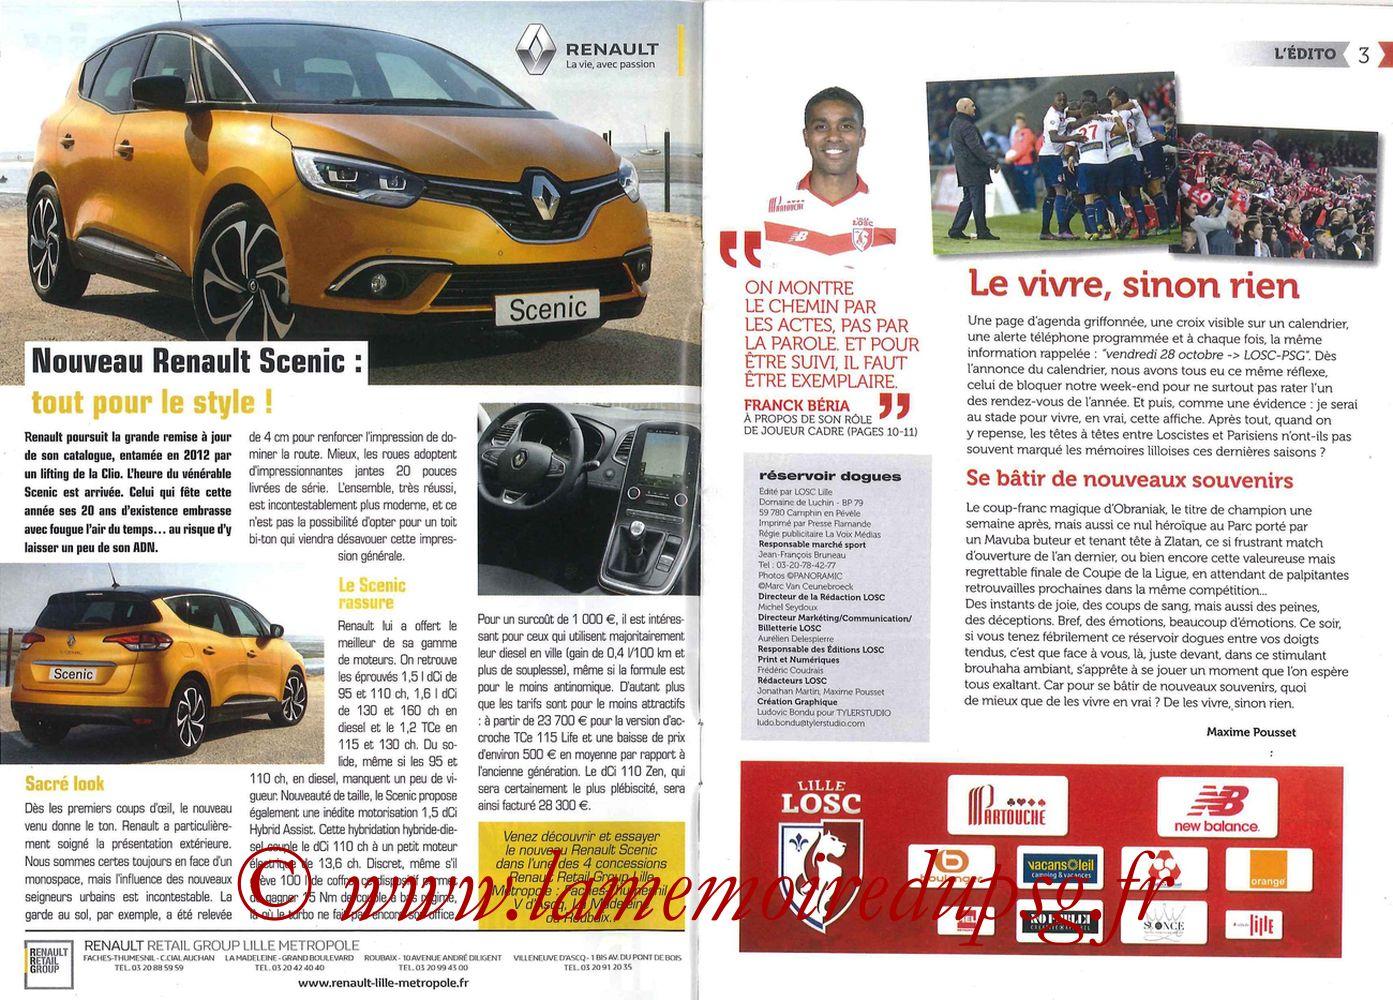 2016-10-28  Lille-PSG (11ème L1, Réservoir Dogues N°57) - Pages 02 et 03